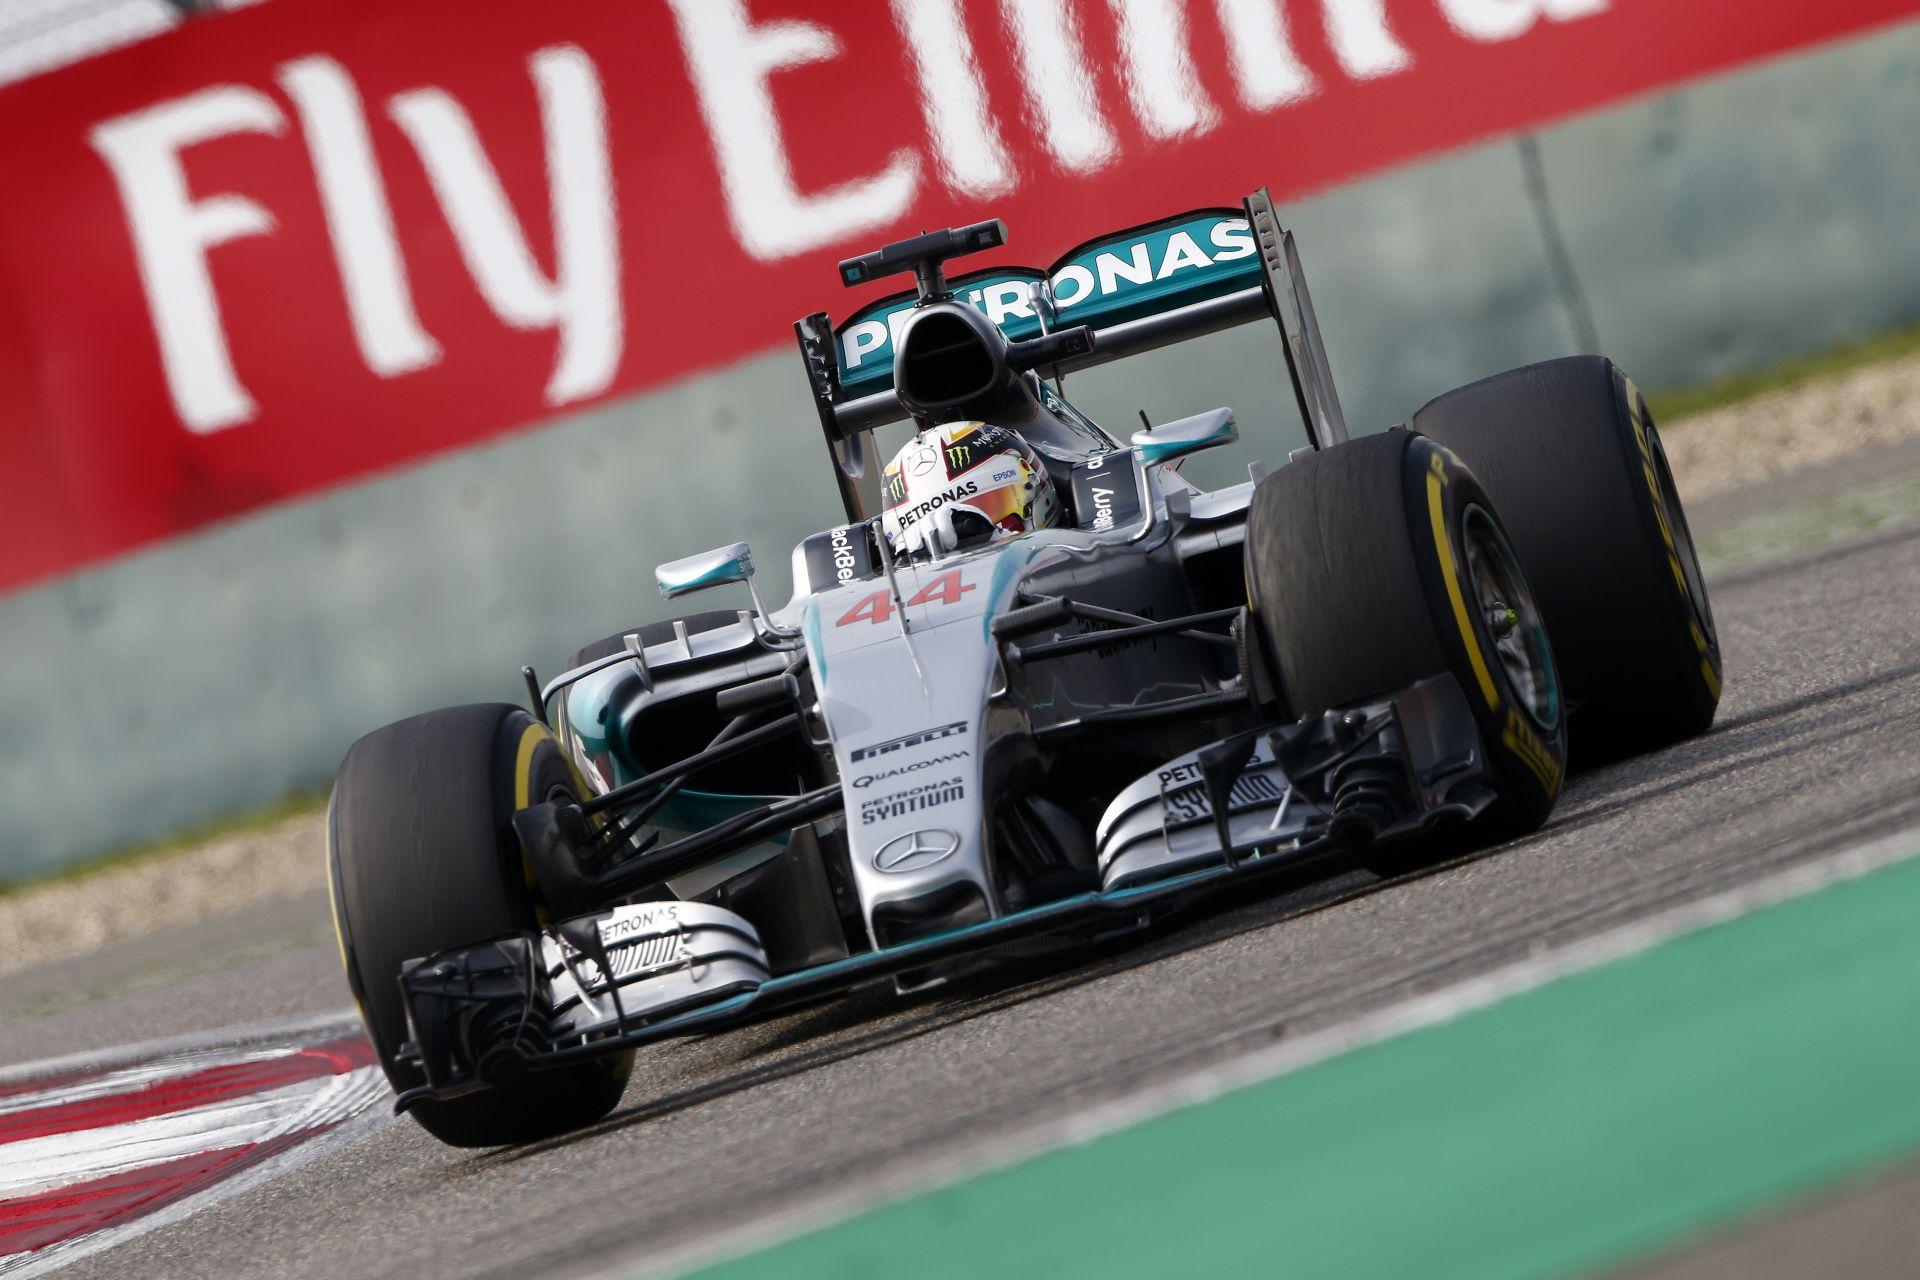 Majdnem megégett Hamilton feneke, de simán nyerte a harmadik edzést Kínában Rosberg, és a két Ferrari előtt! Alonso KO, széthull